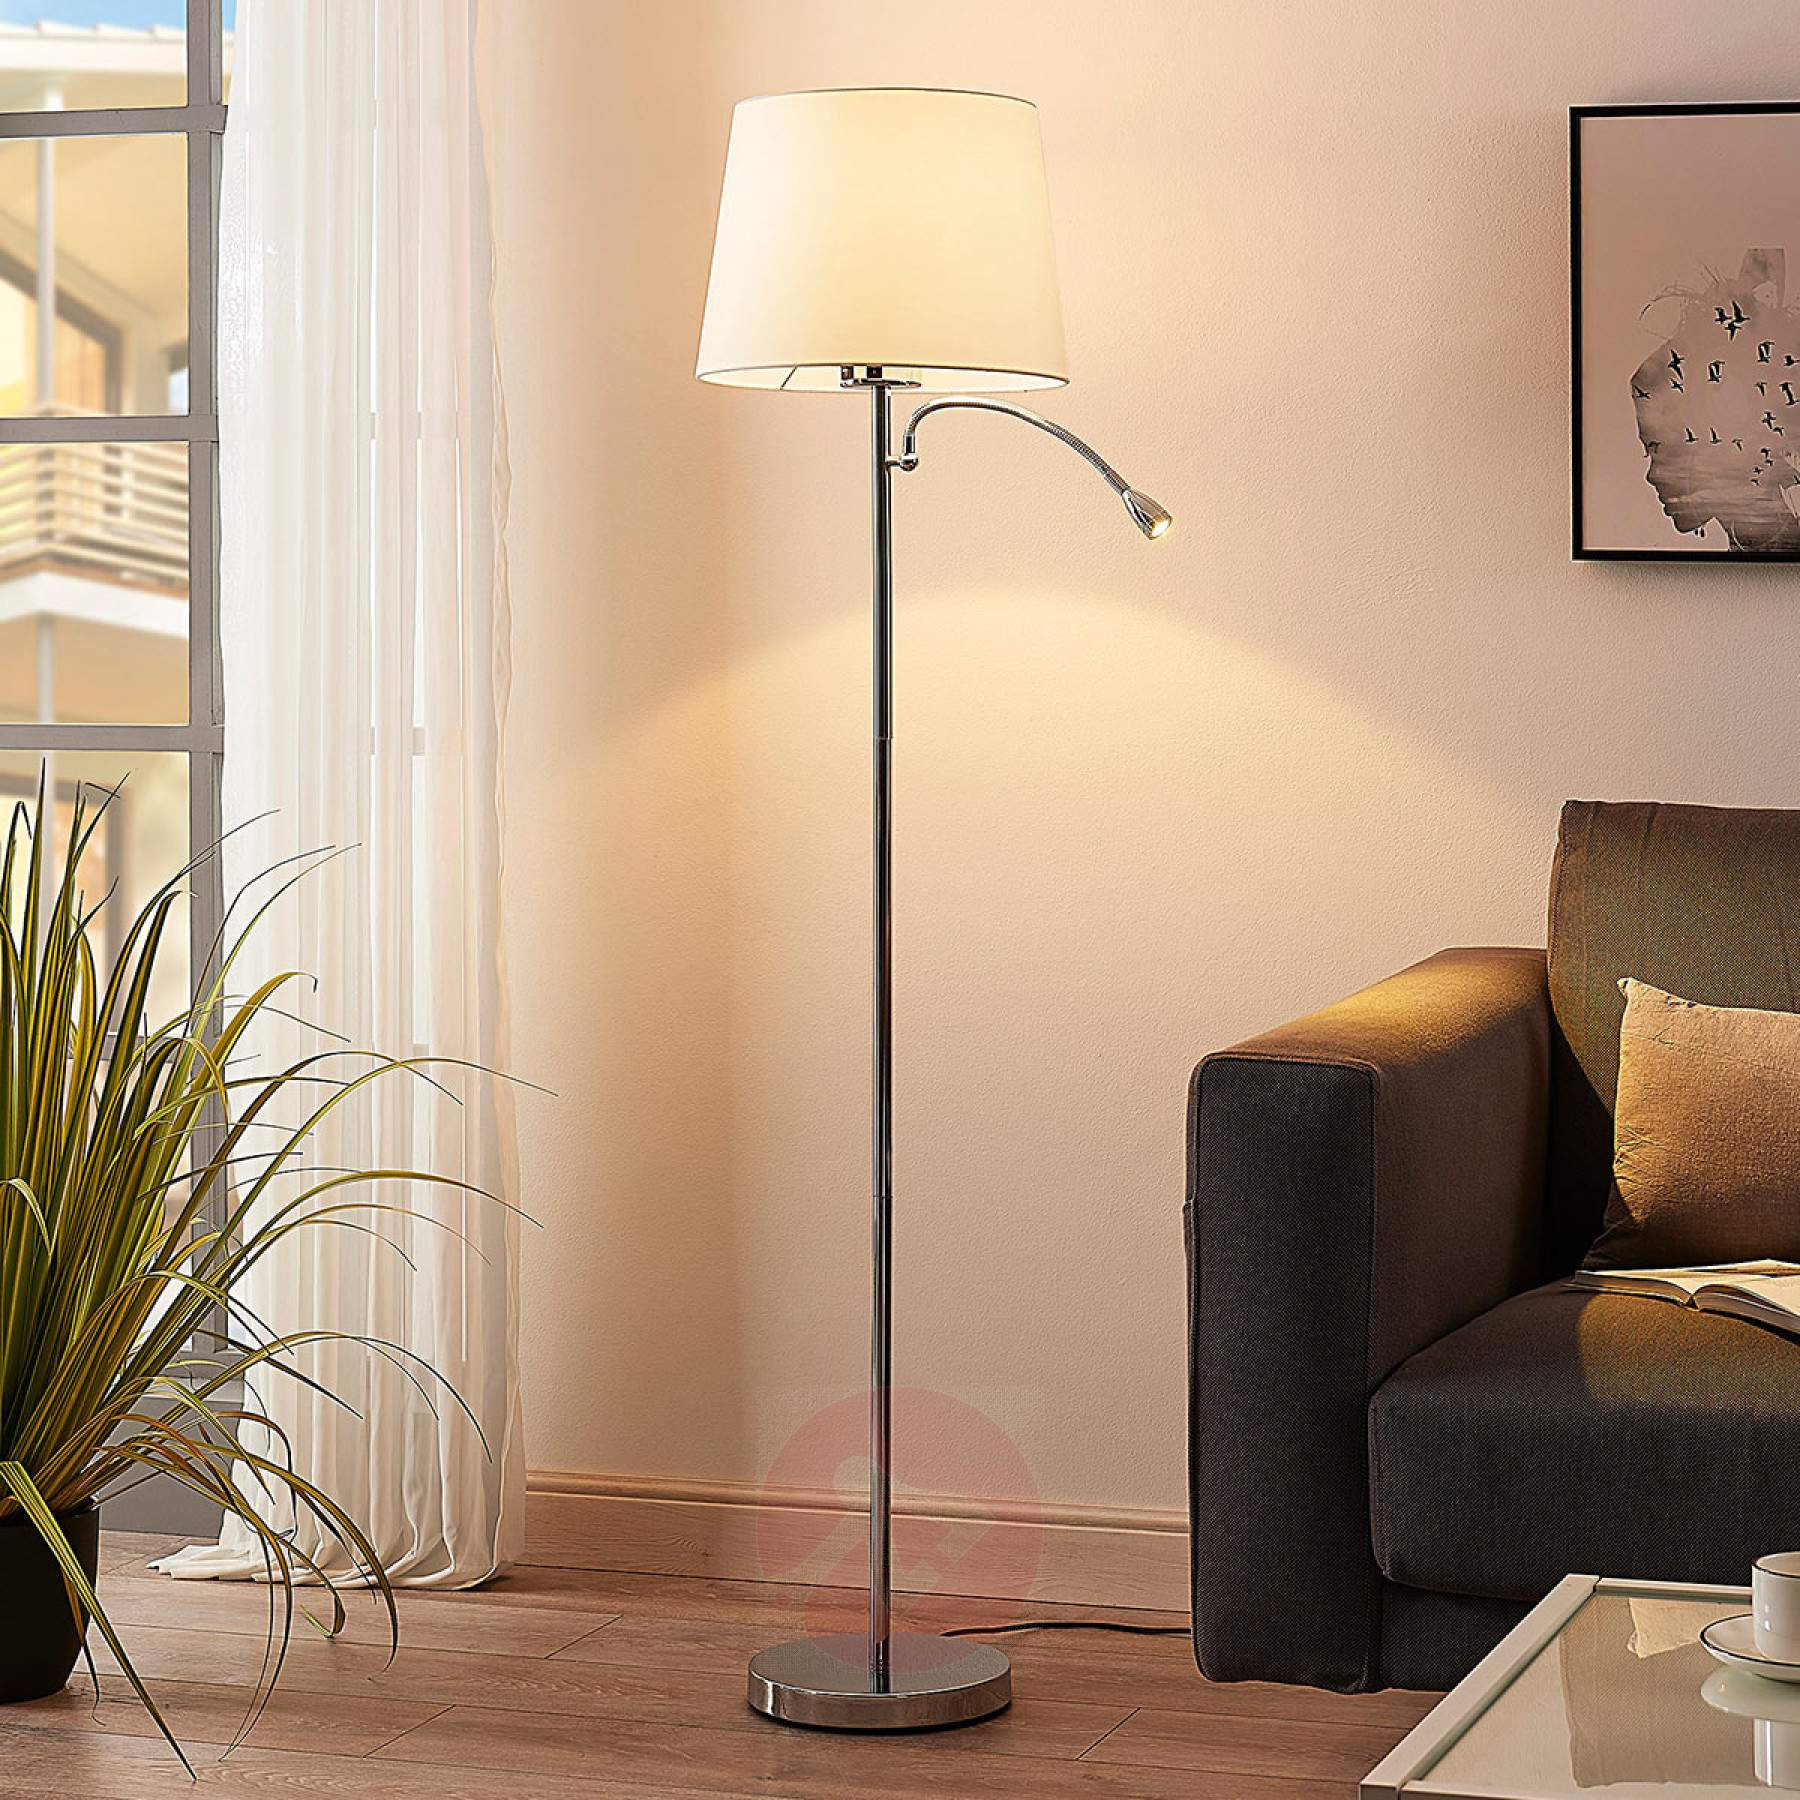 Full Size of Wohnzimmer Stehlampe Led Stehlampen Stehleuchten Stehleuchte Dimmbar Bro Gwendolin 2 Schirme Lampenwelt Beleuchtung Moderne Deckenleuchte Fototapeten Panel Wohnzimmer Wohnzimmer Stehlampe Led